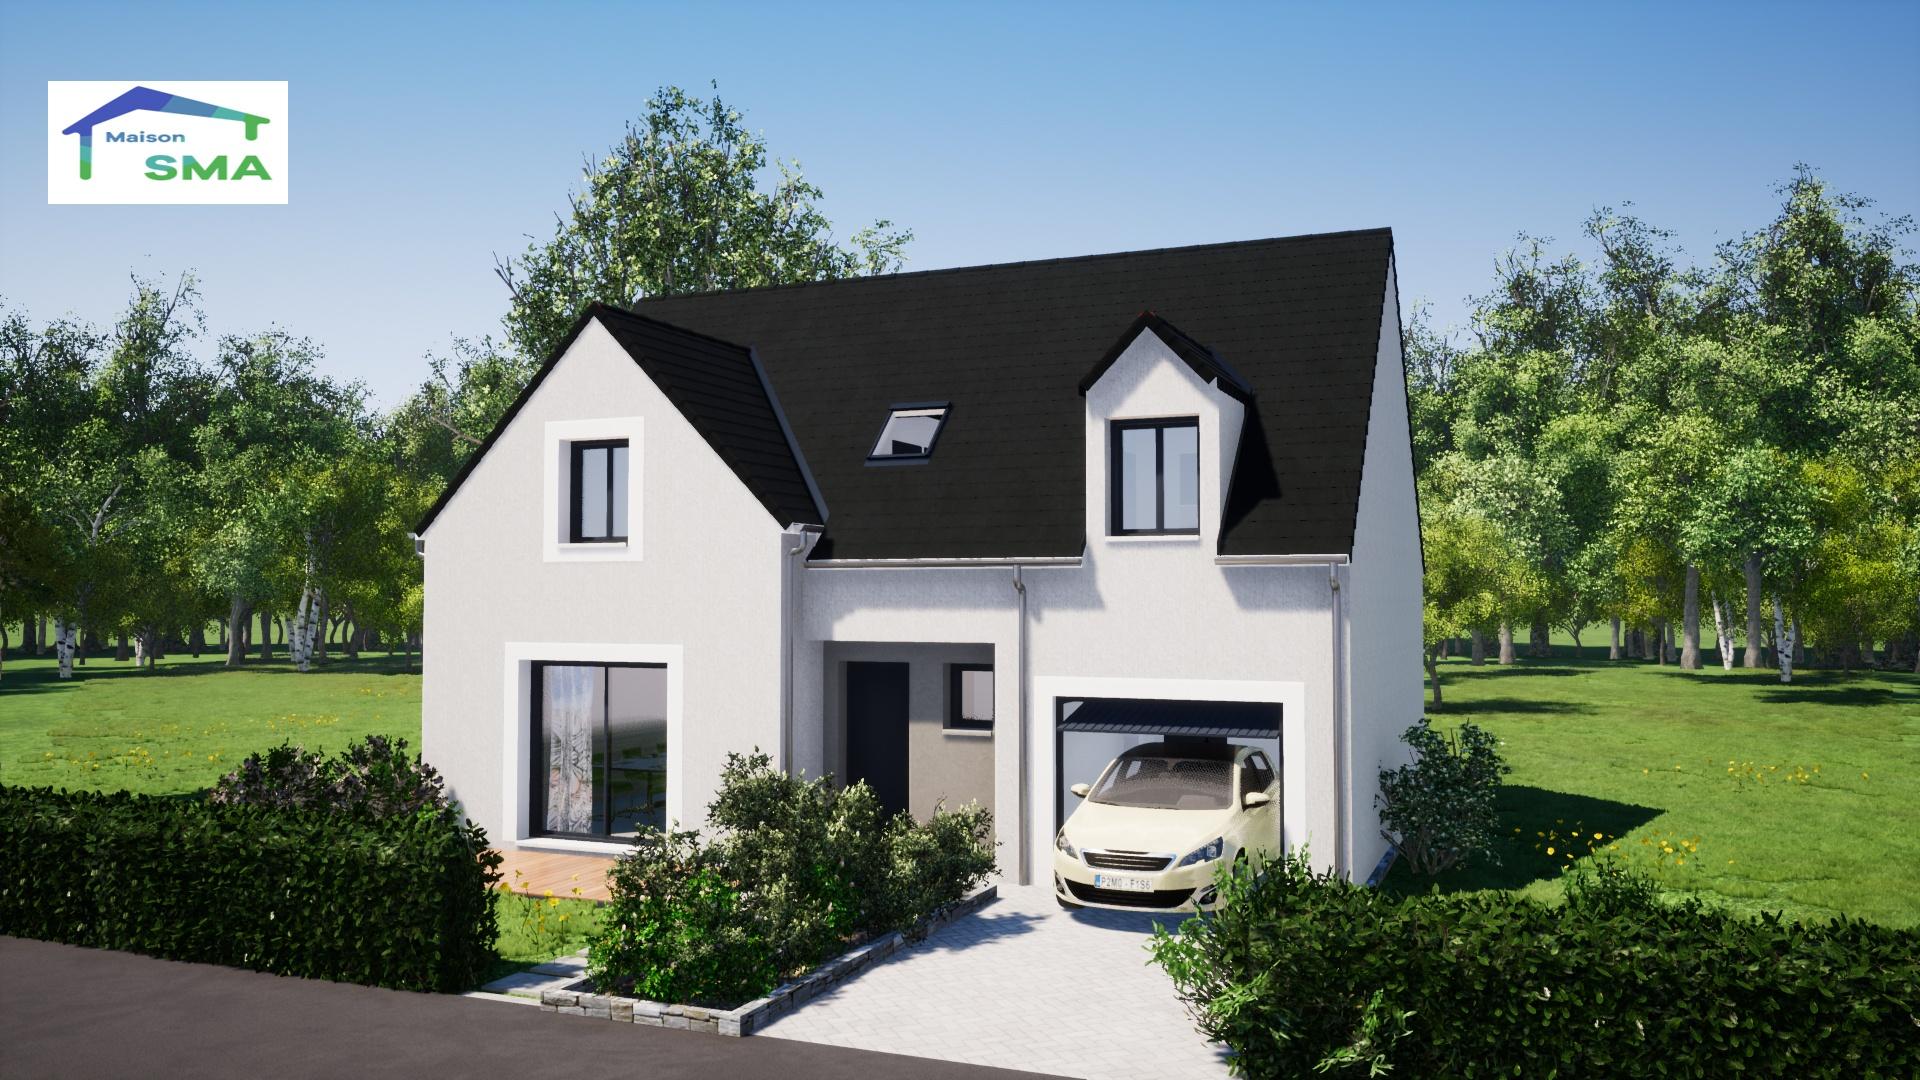 Maisons + Terrains du constructeur MAISON SMA • 103 m² • FONTENAY SAINT PERE